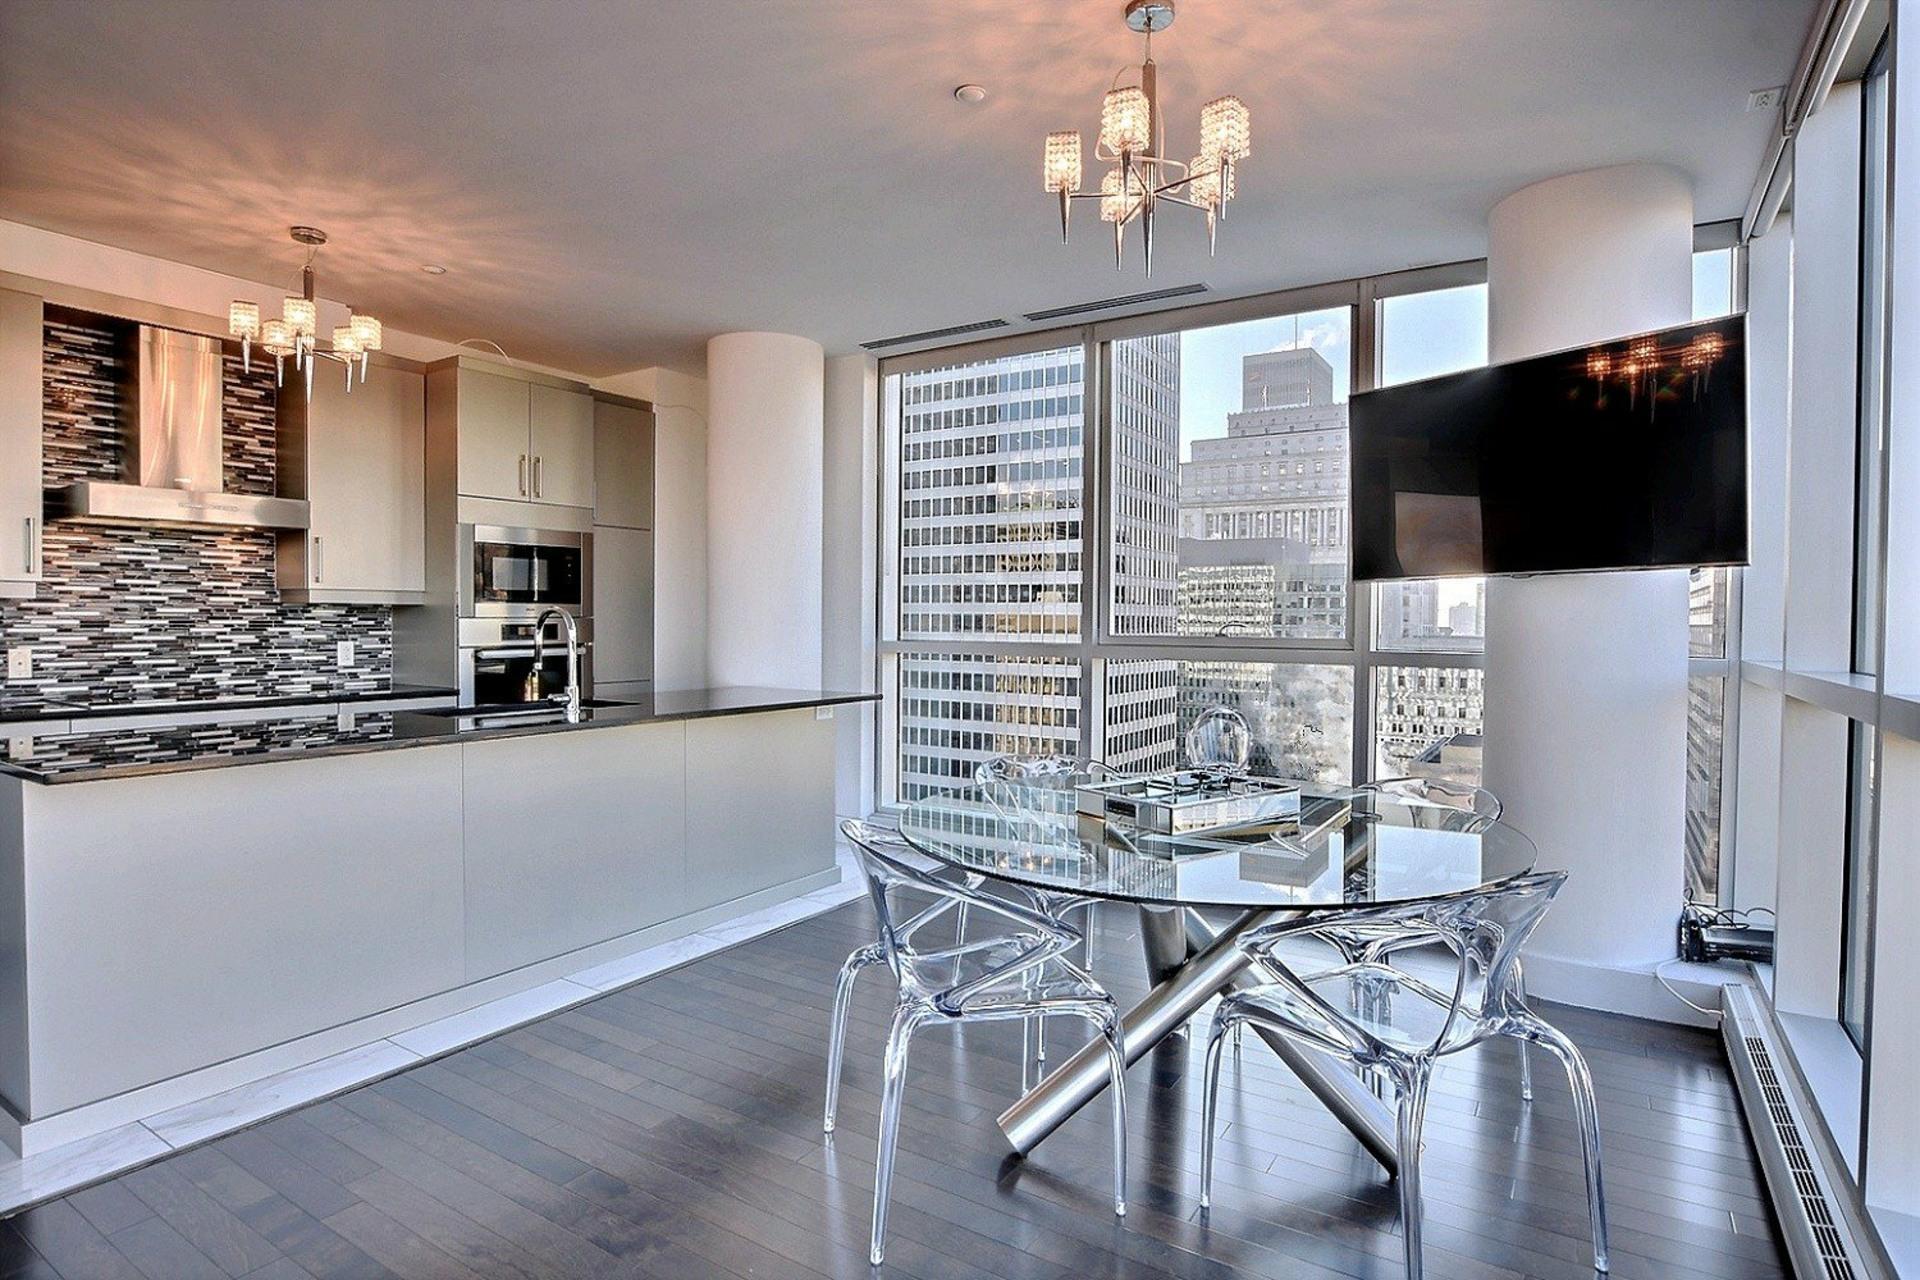 image 6 - Apartment For sale Montréal Ville-Marie  - 5 rooms